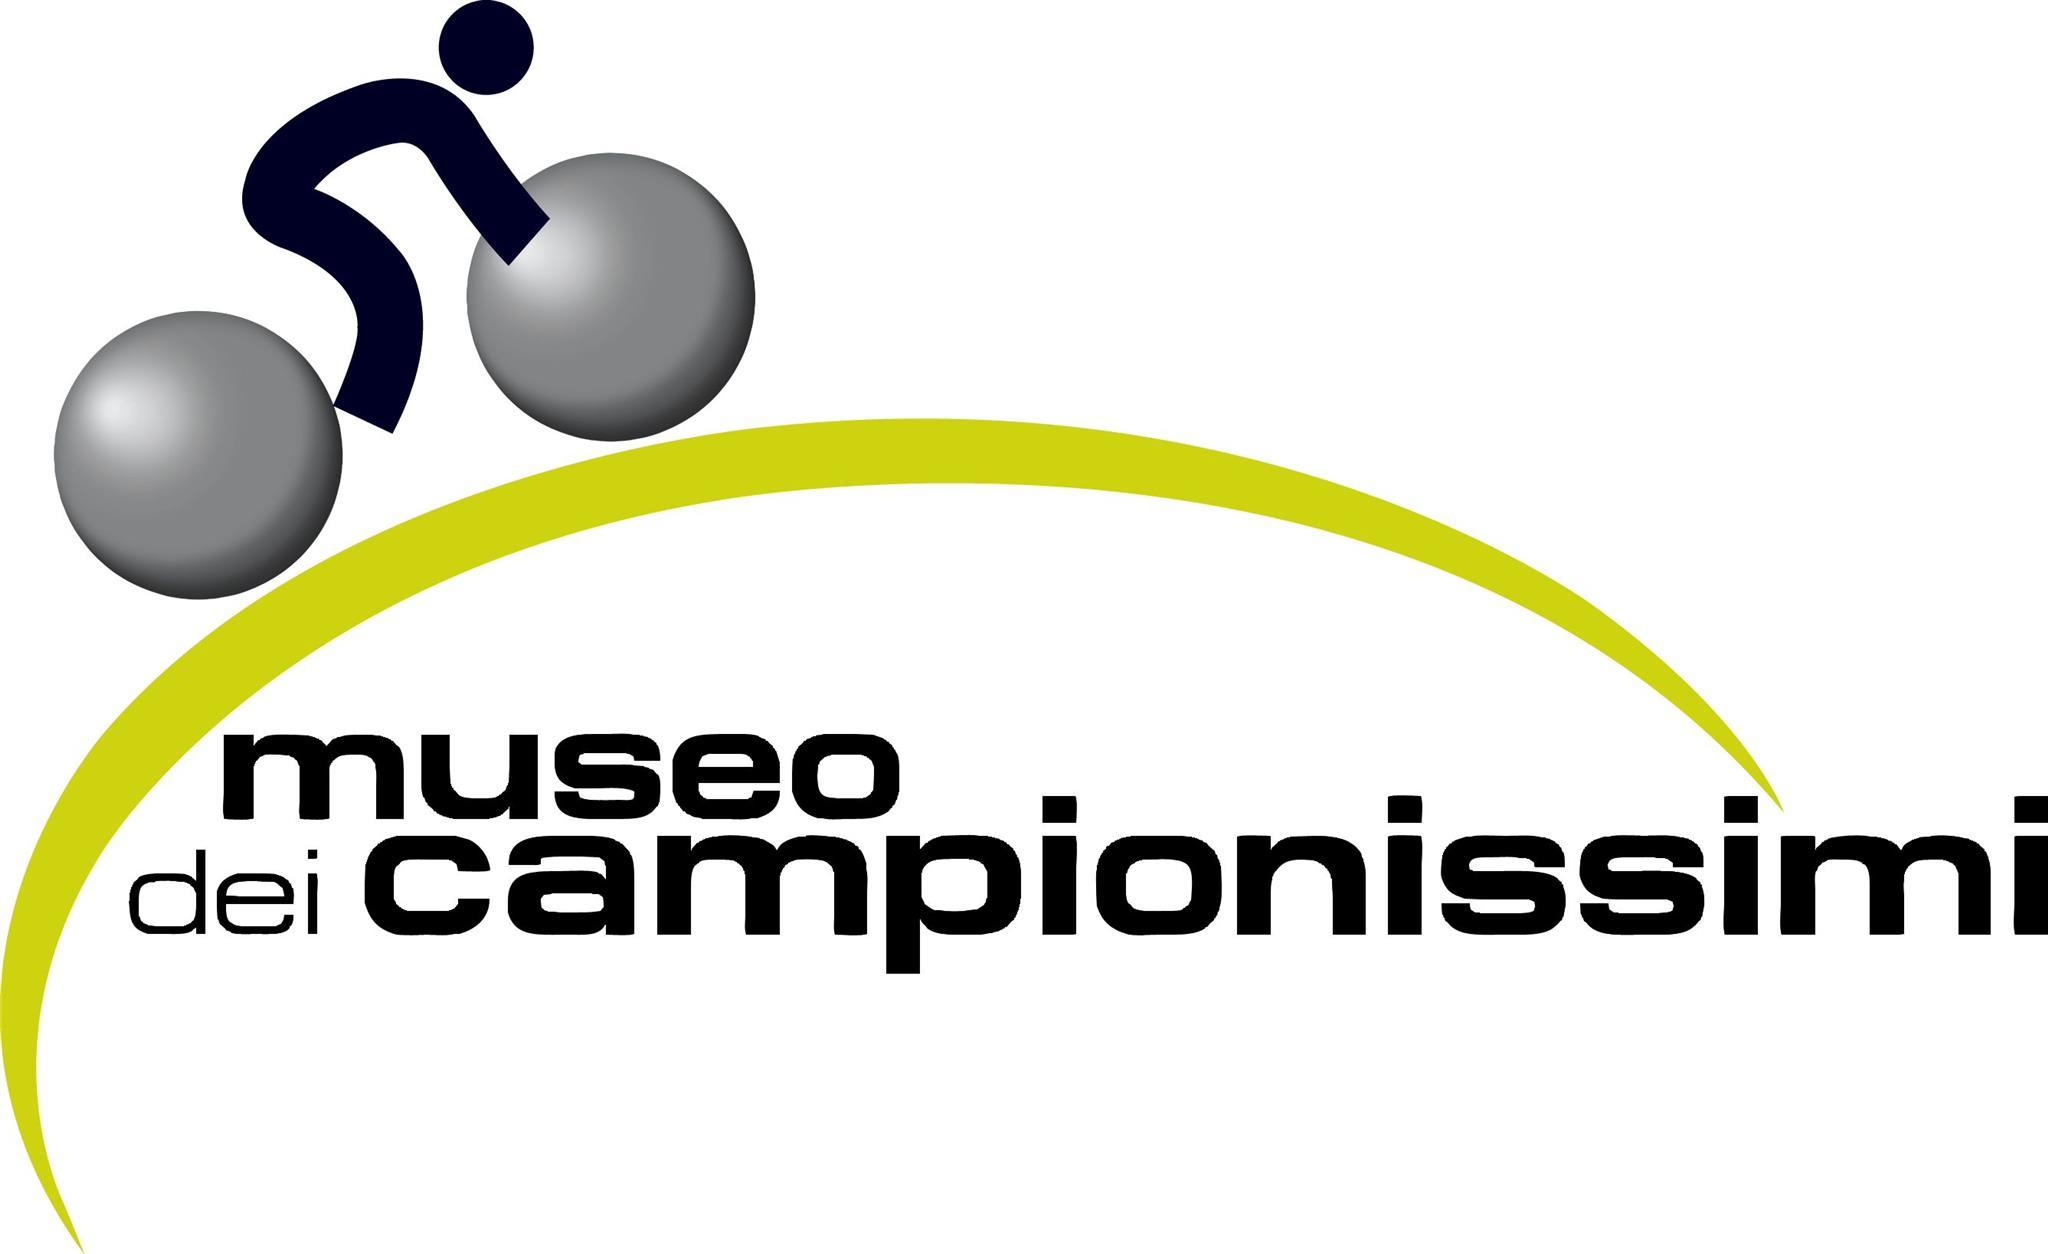 Museo di Campionissimi